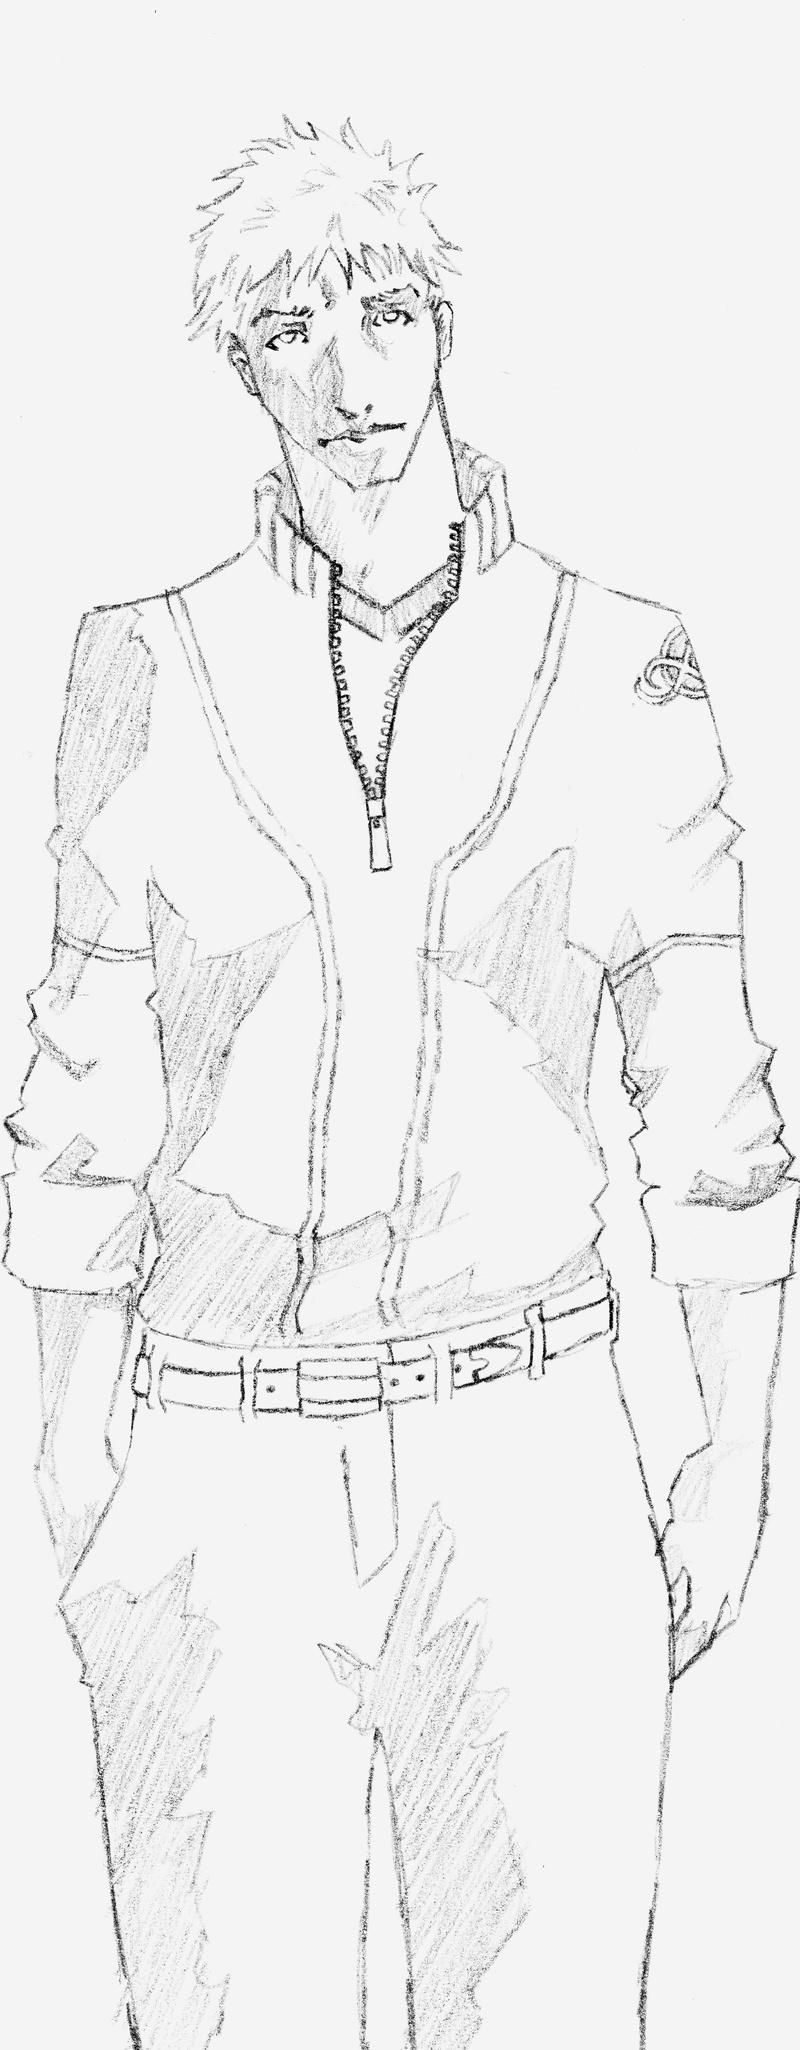 Joe in Jacket